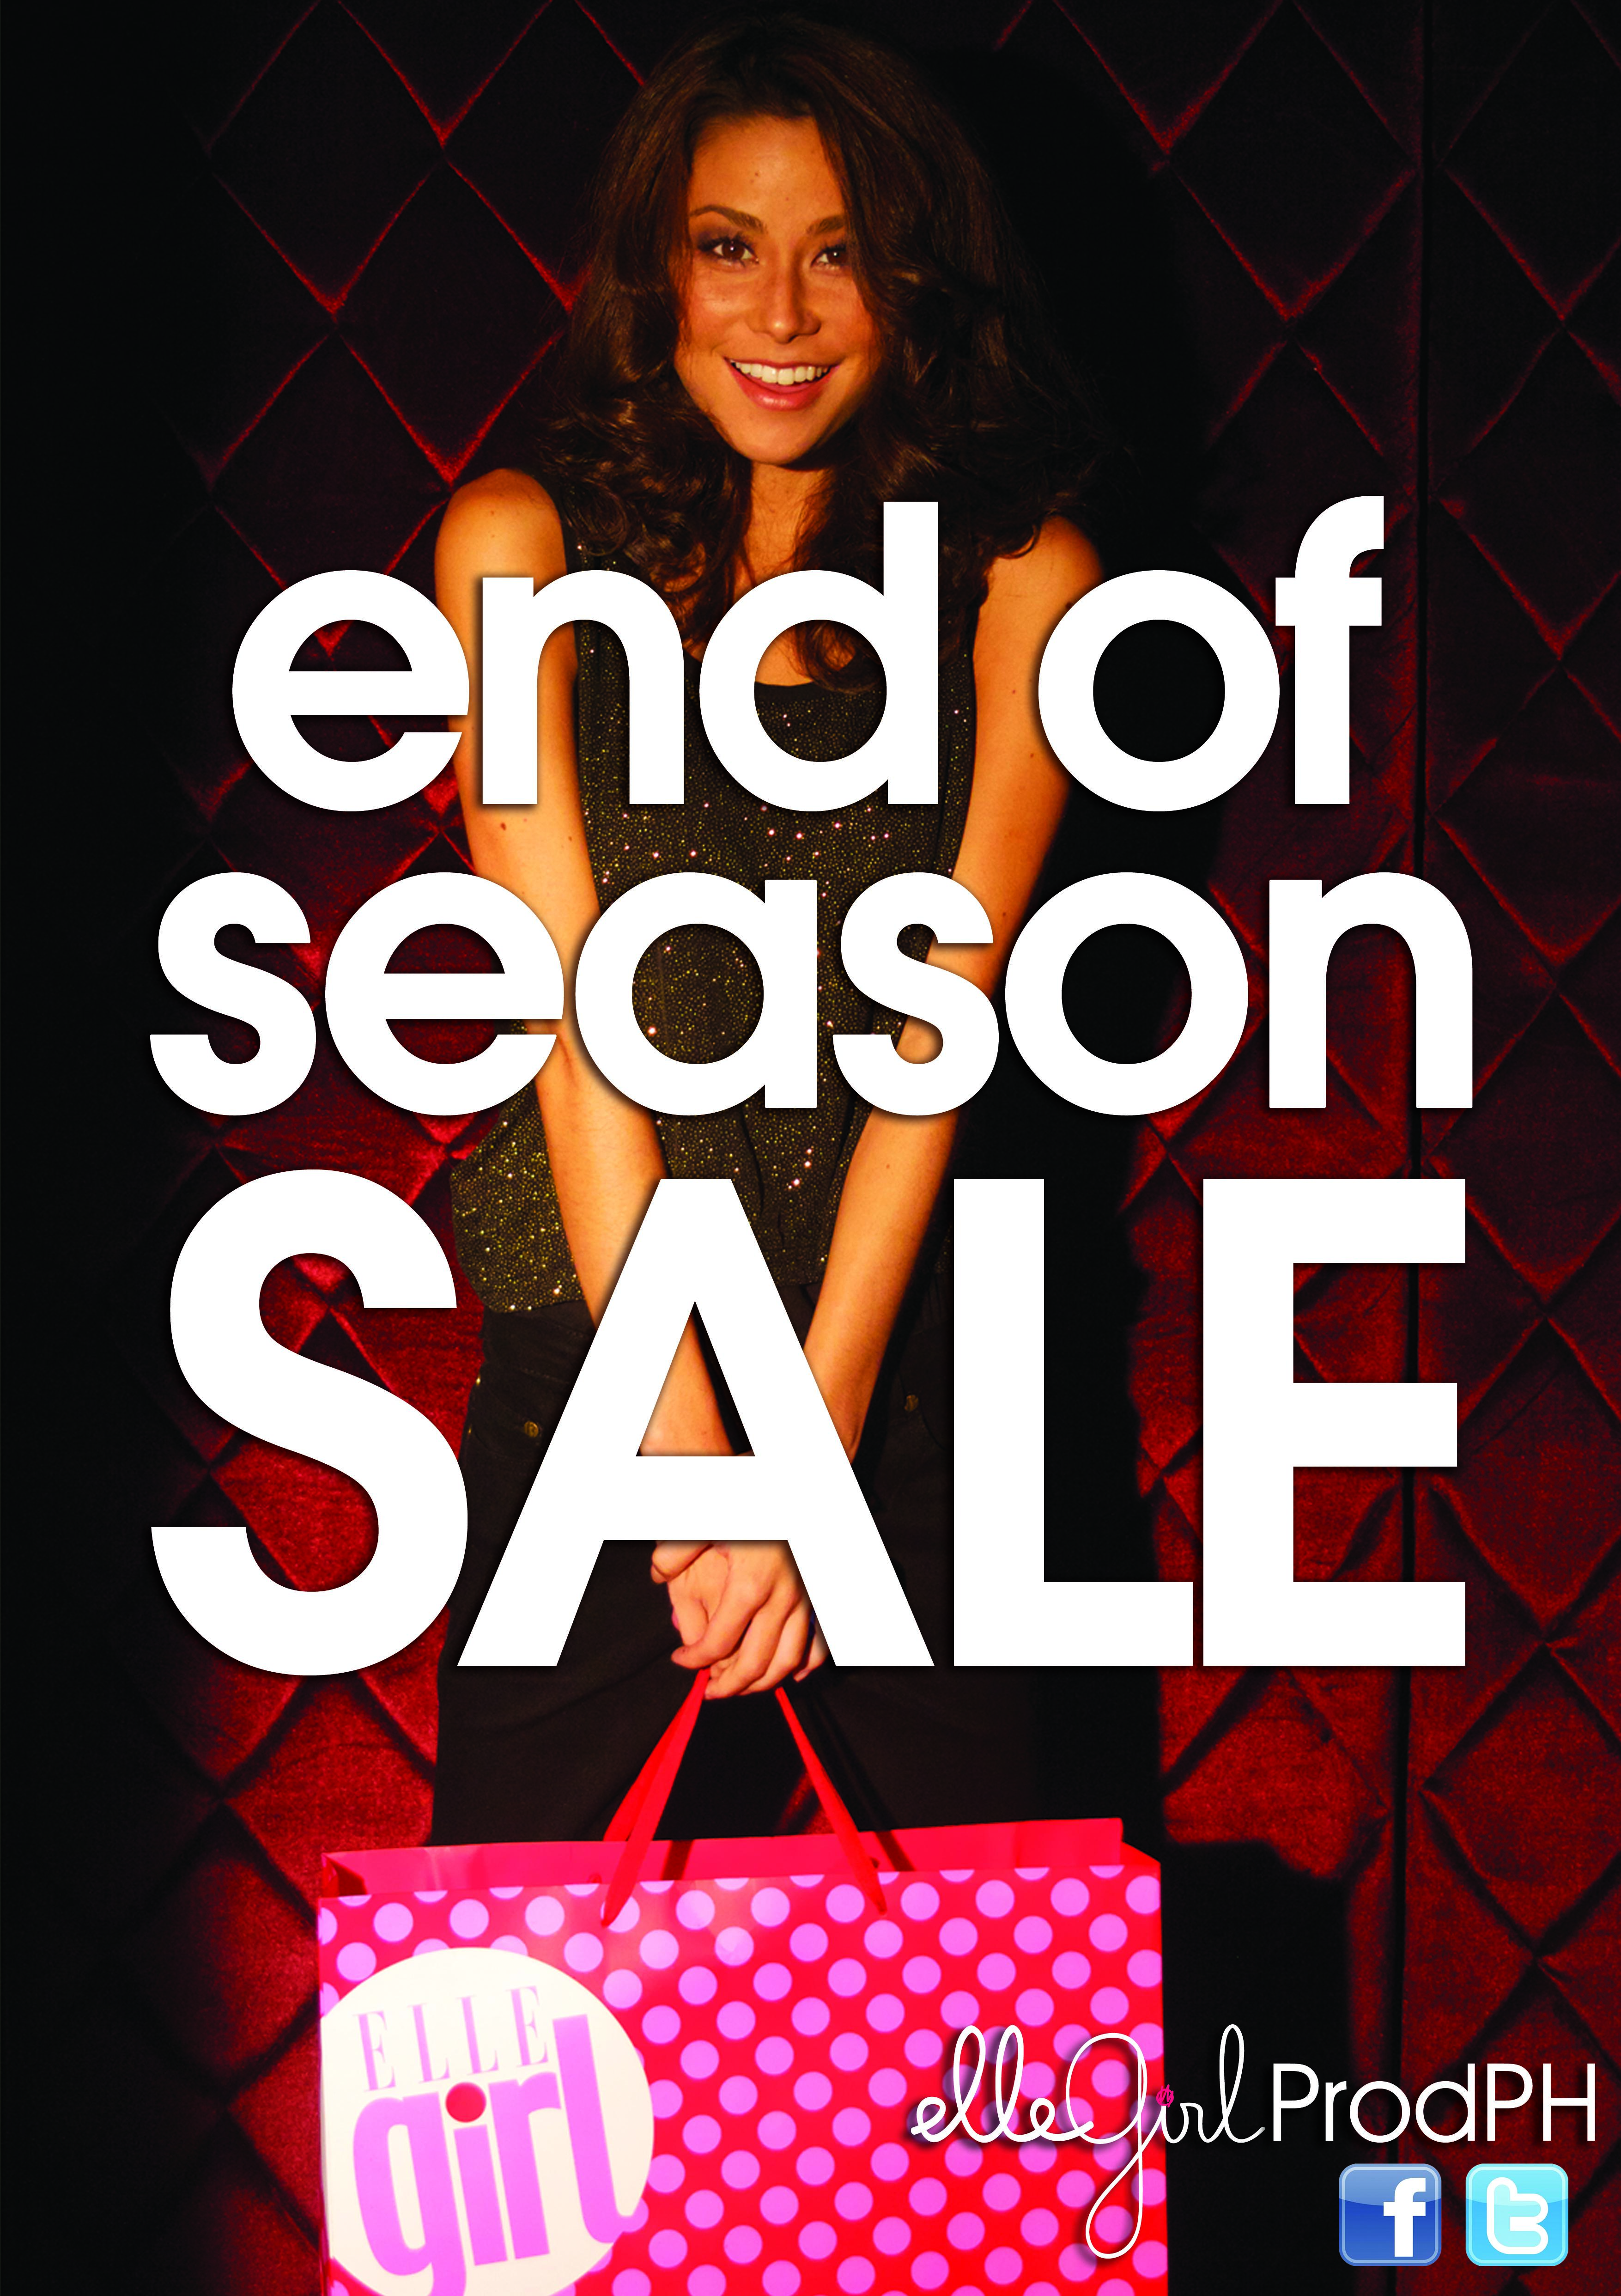 Elle Girl End of Season Sale June - July 2013